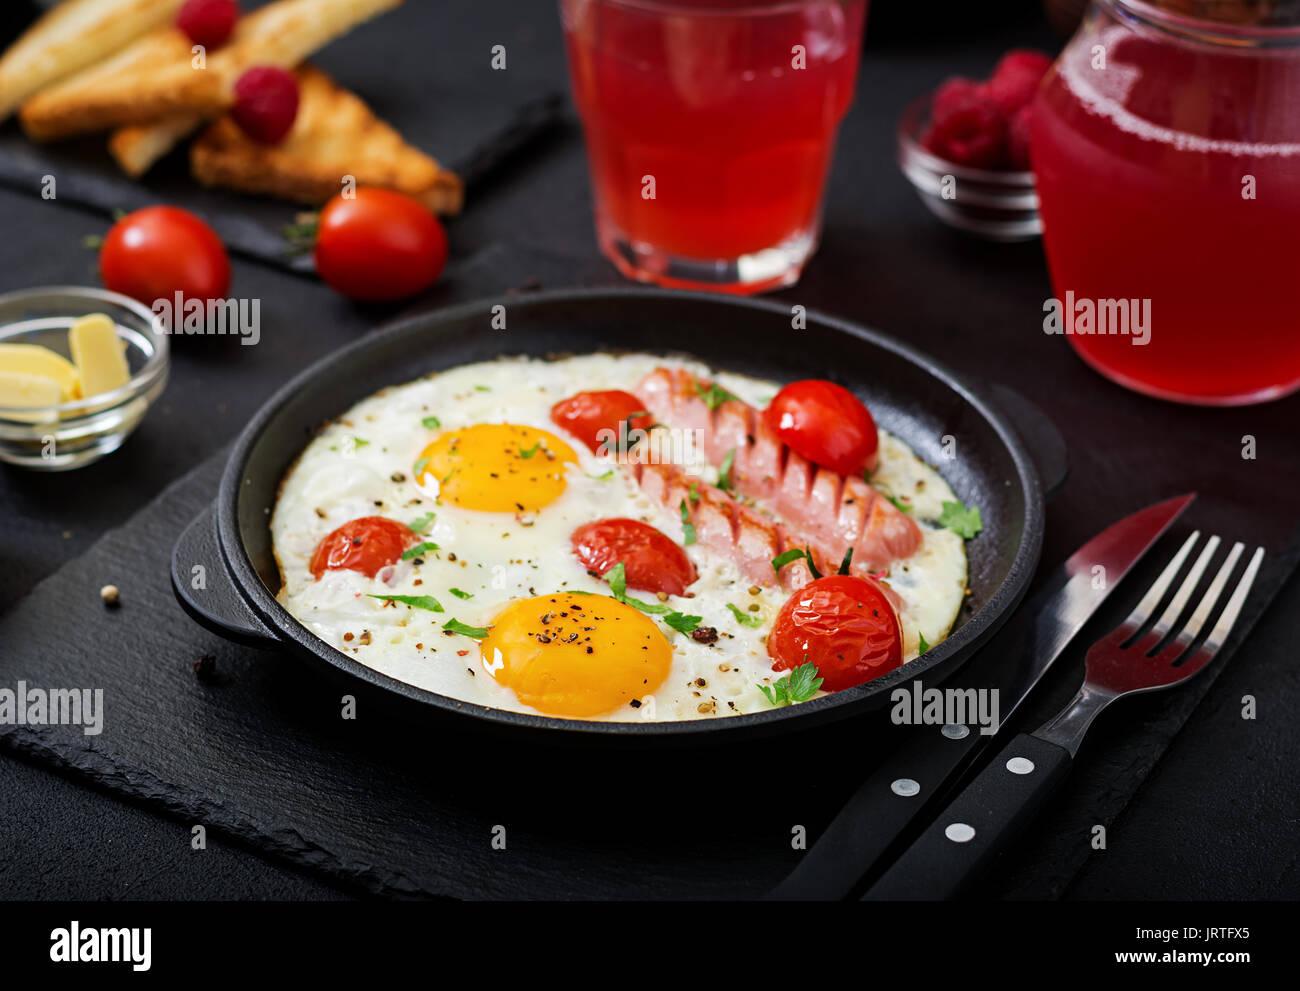 Englisches Frühstück - Spiegelei, Tomaten und Würstchen. Stockbild